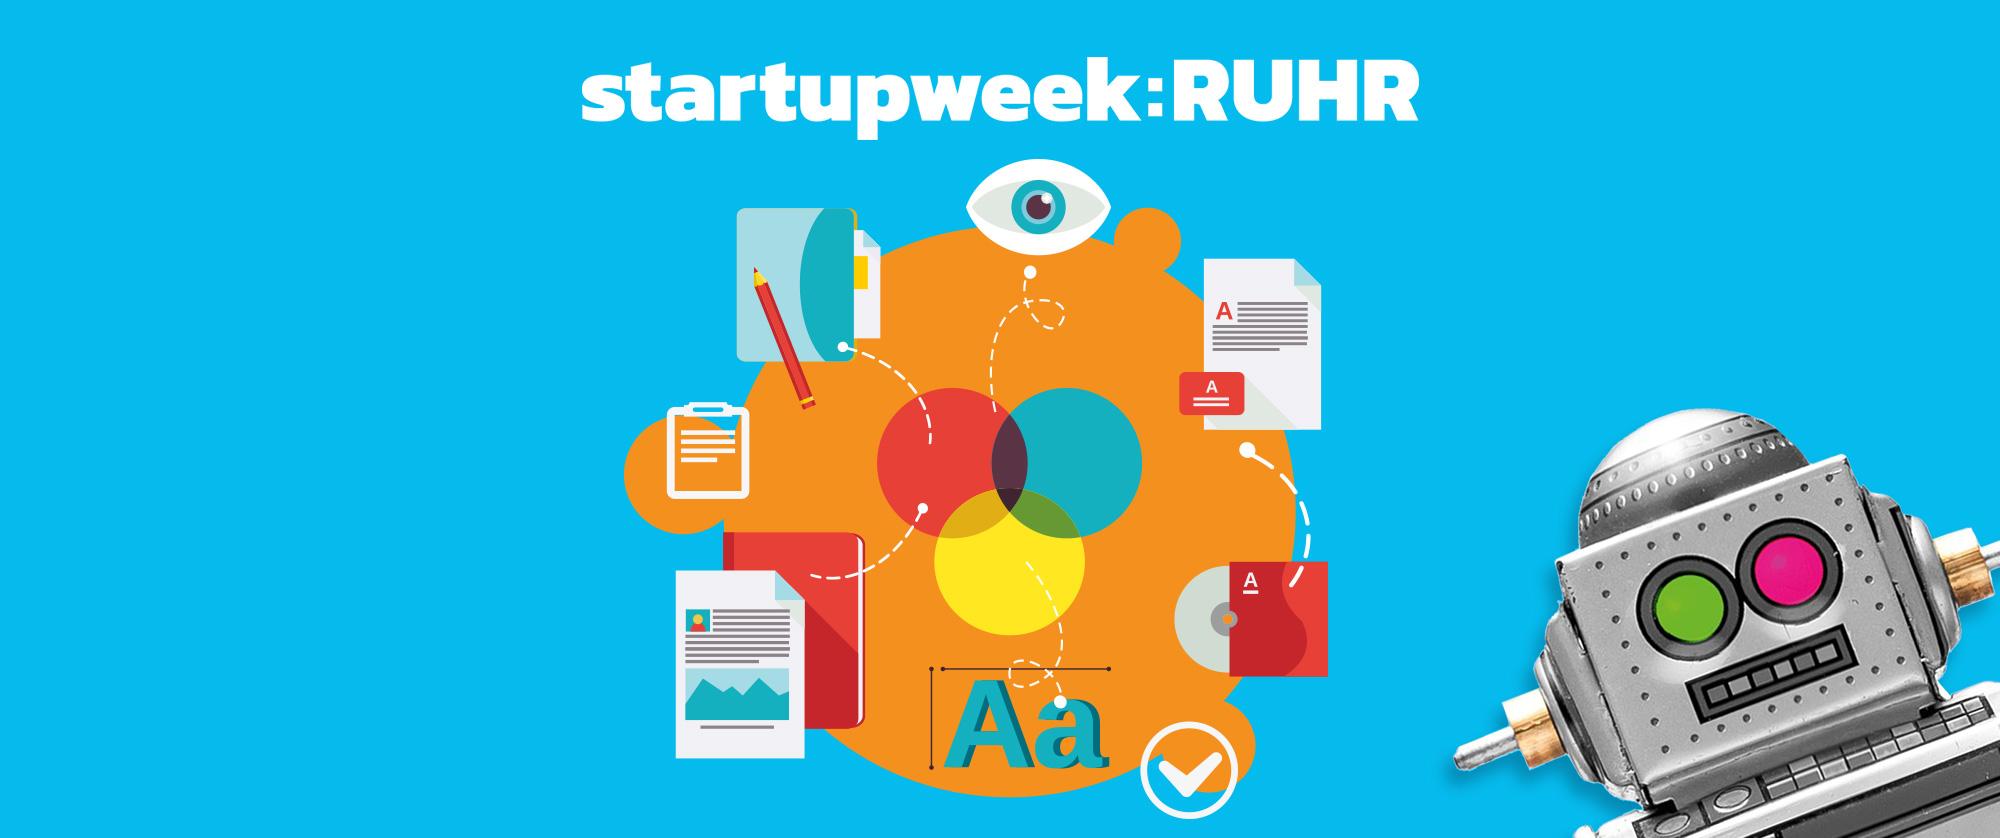 Camp Essen - Startupweek 2018 Branding